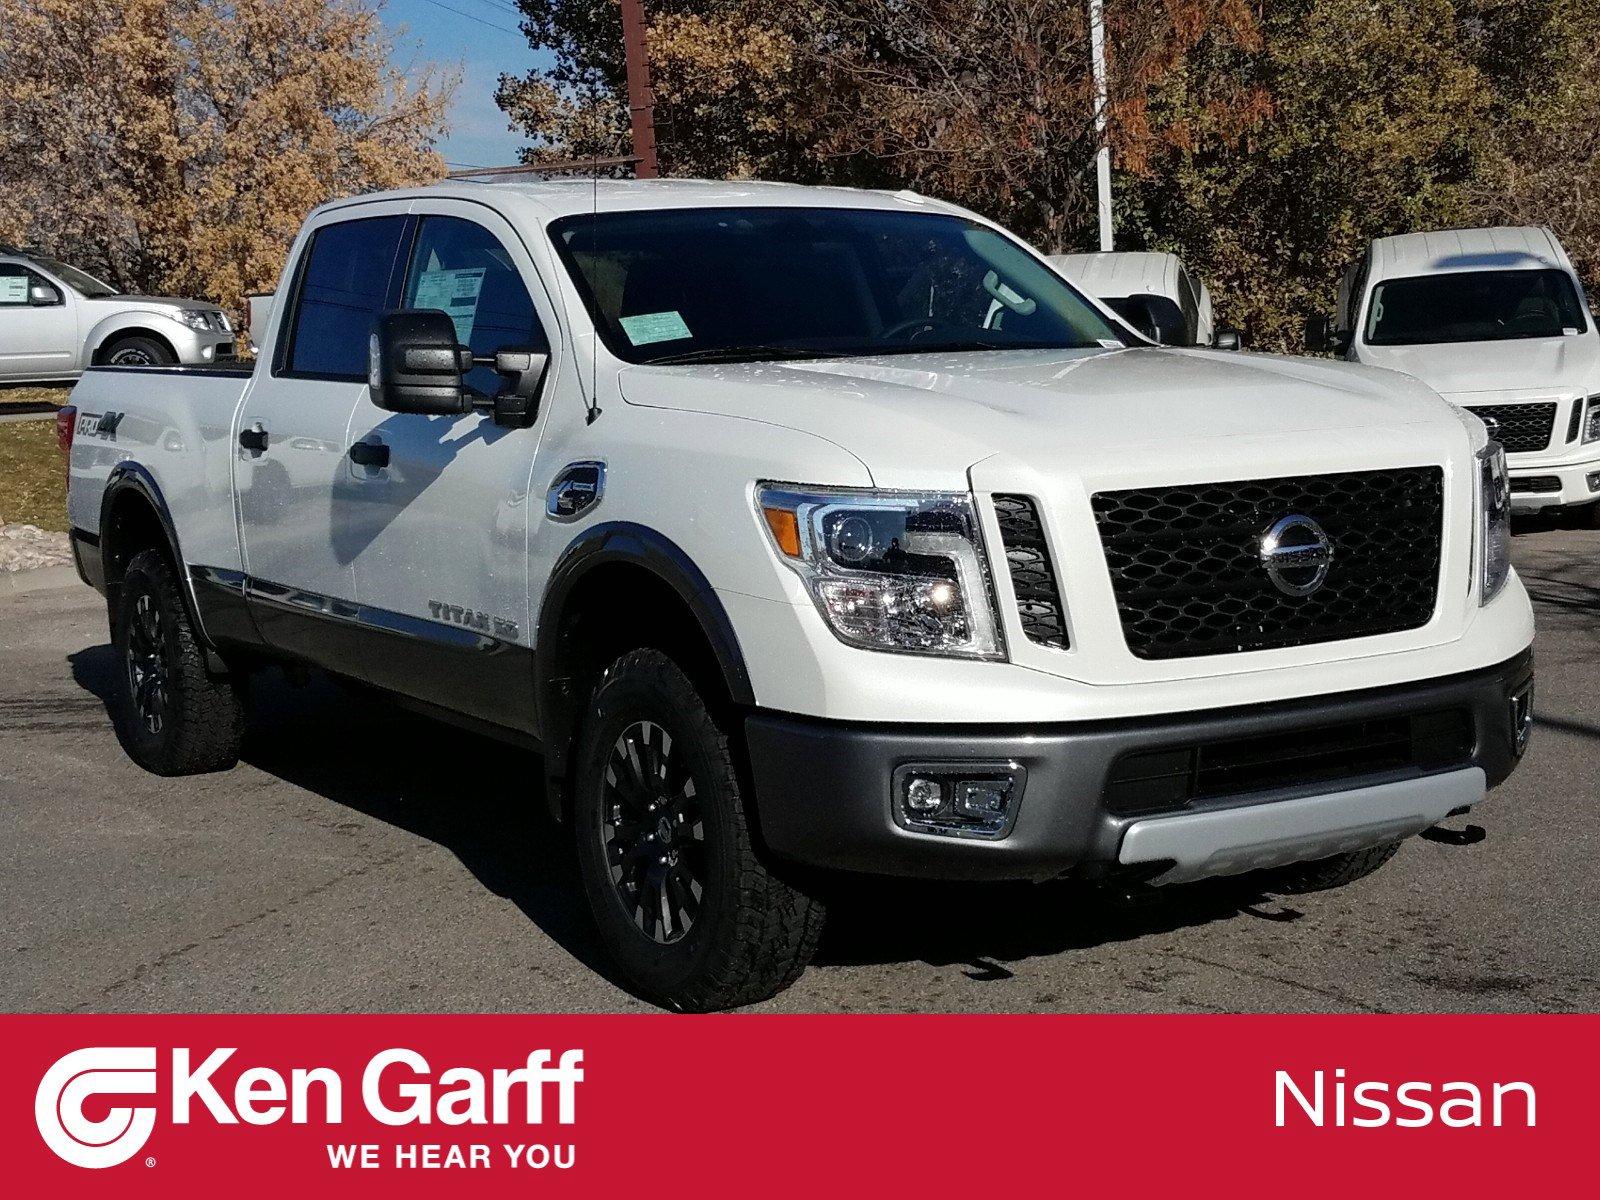 New 2019 Nissan Titan XD PRO-4X